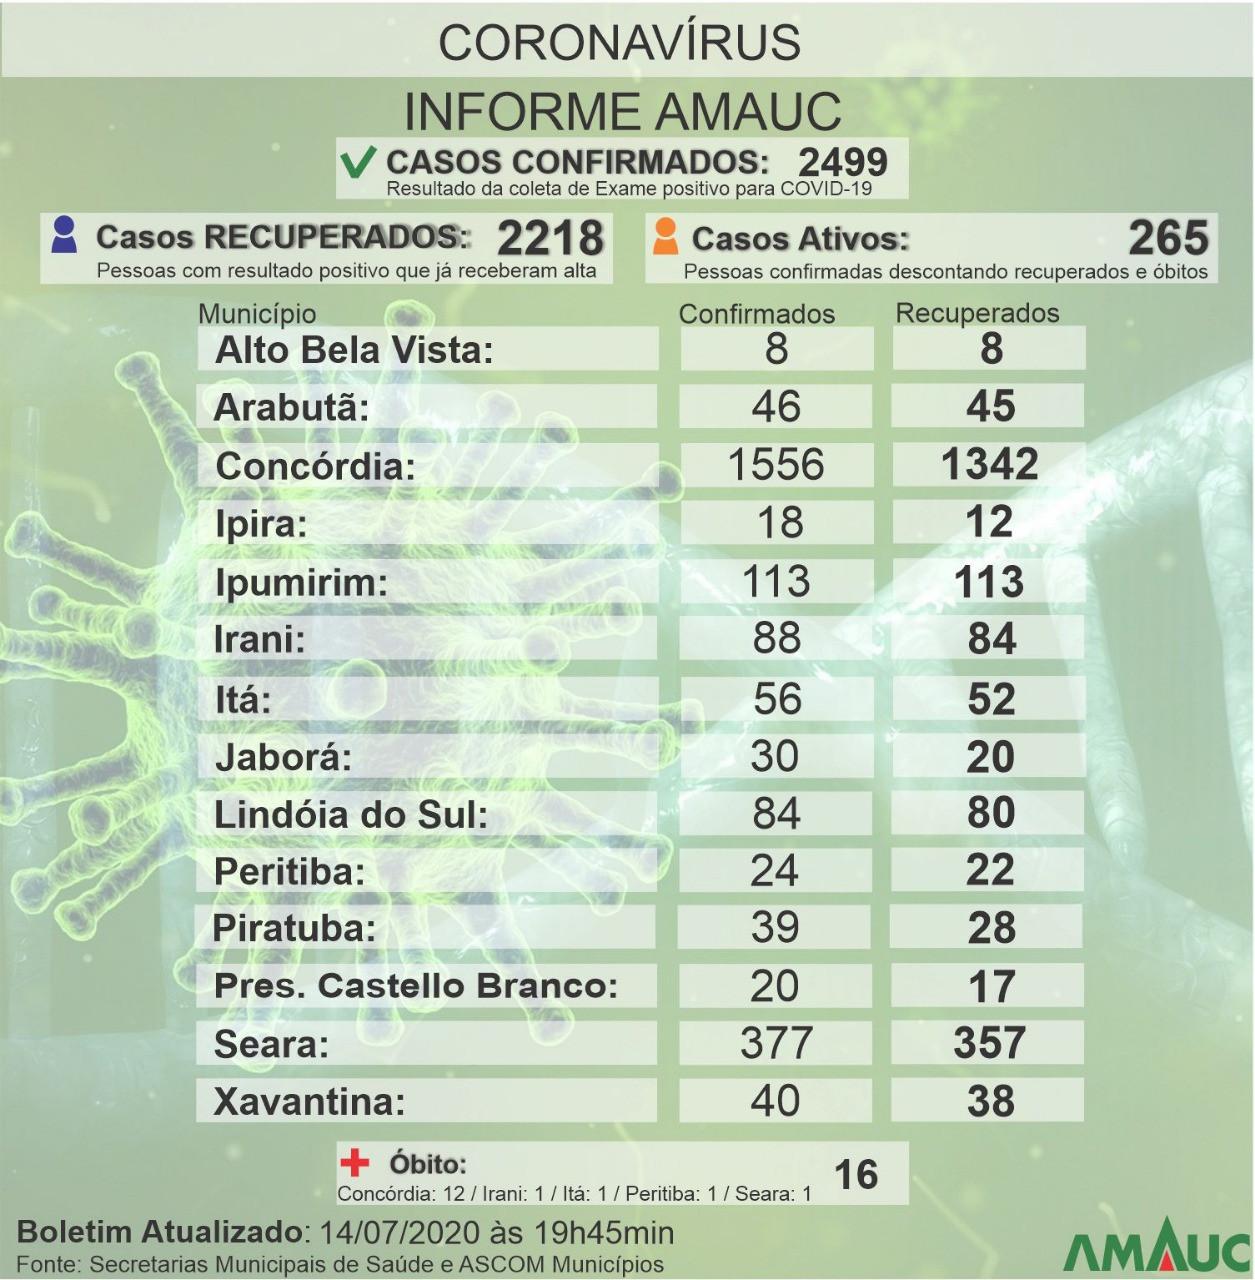 Amauc registra 22 novos casos de covid-19 nesta terça-feira